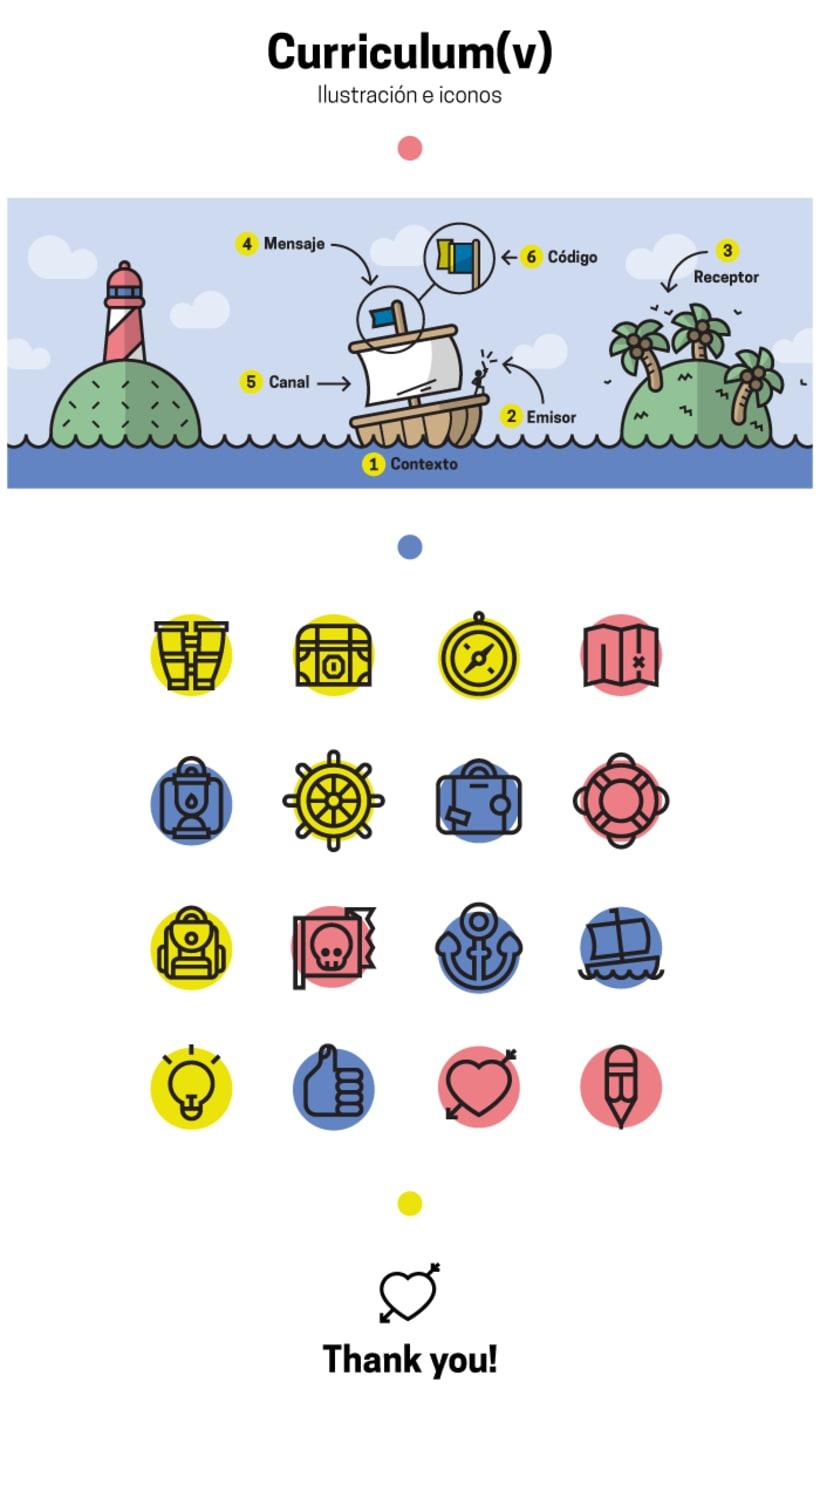 Curriculum(V) - Ilustración e iconos 0